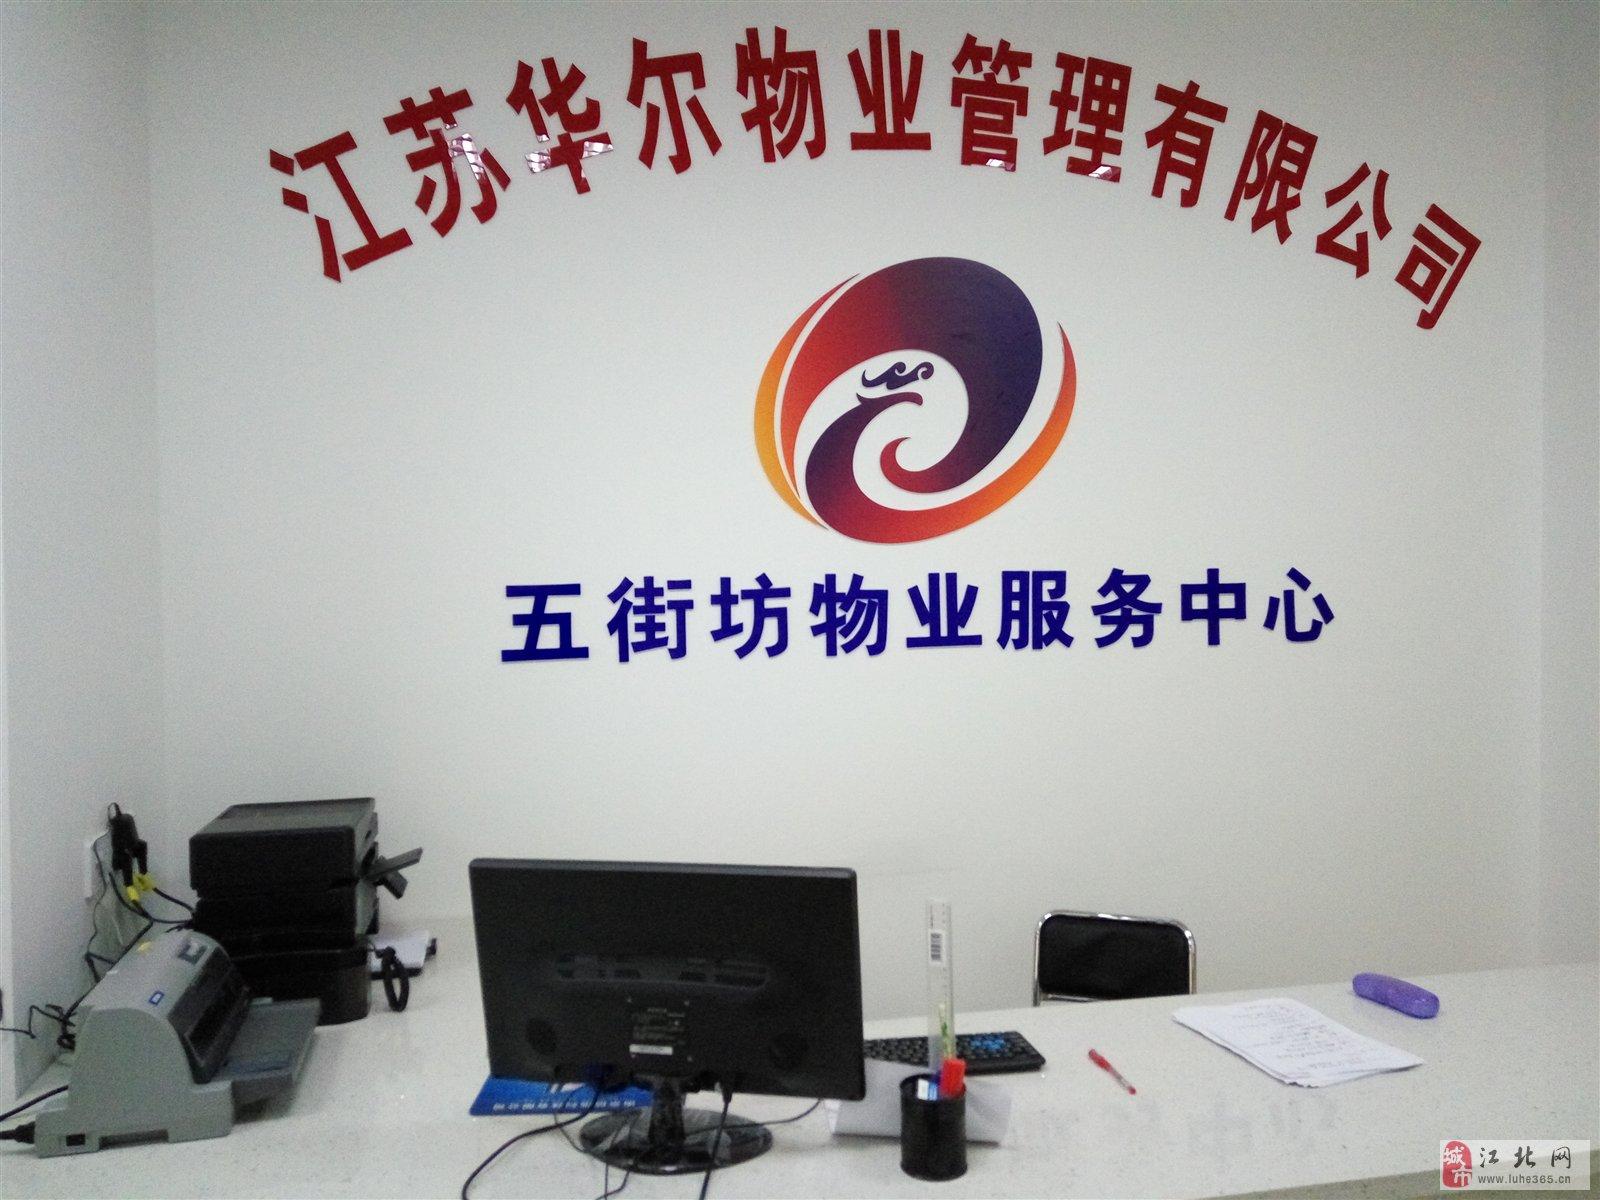 物业中心前台服务管理标准作业规程